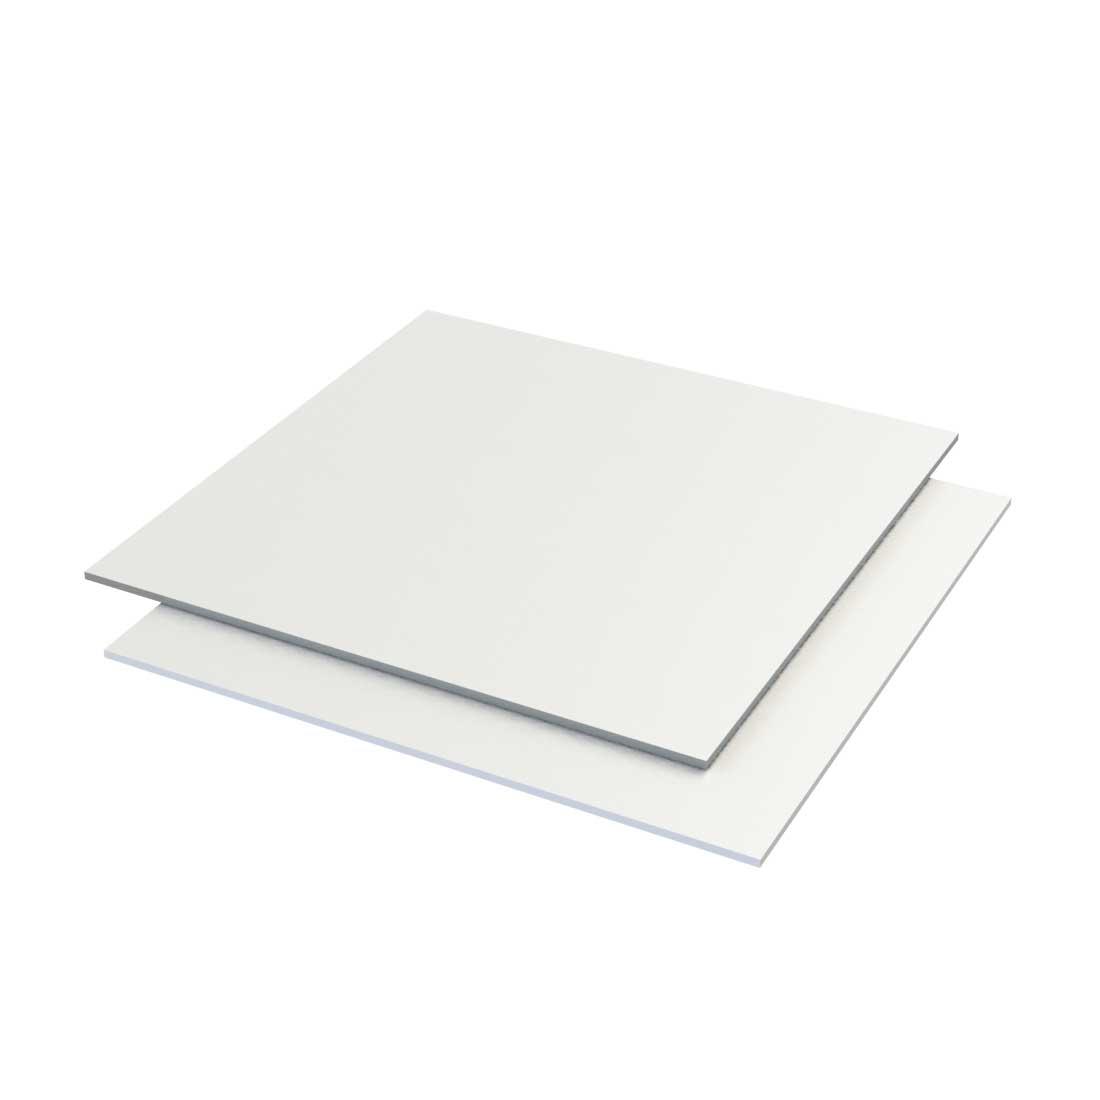 Signicolor Aluminium Plaat Wit 1946-80 3000x1500x1mm